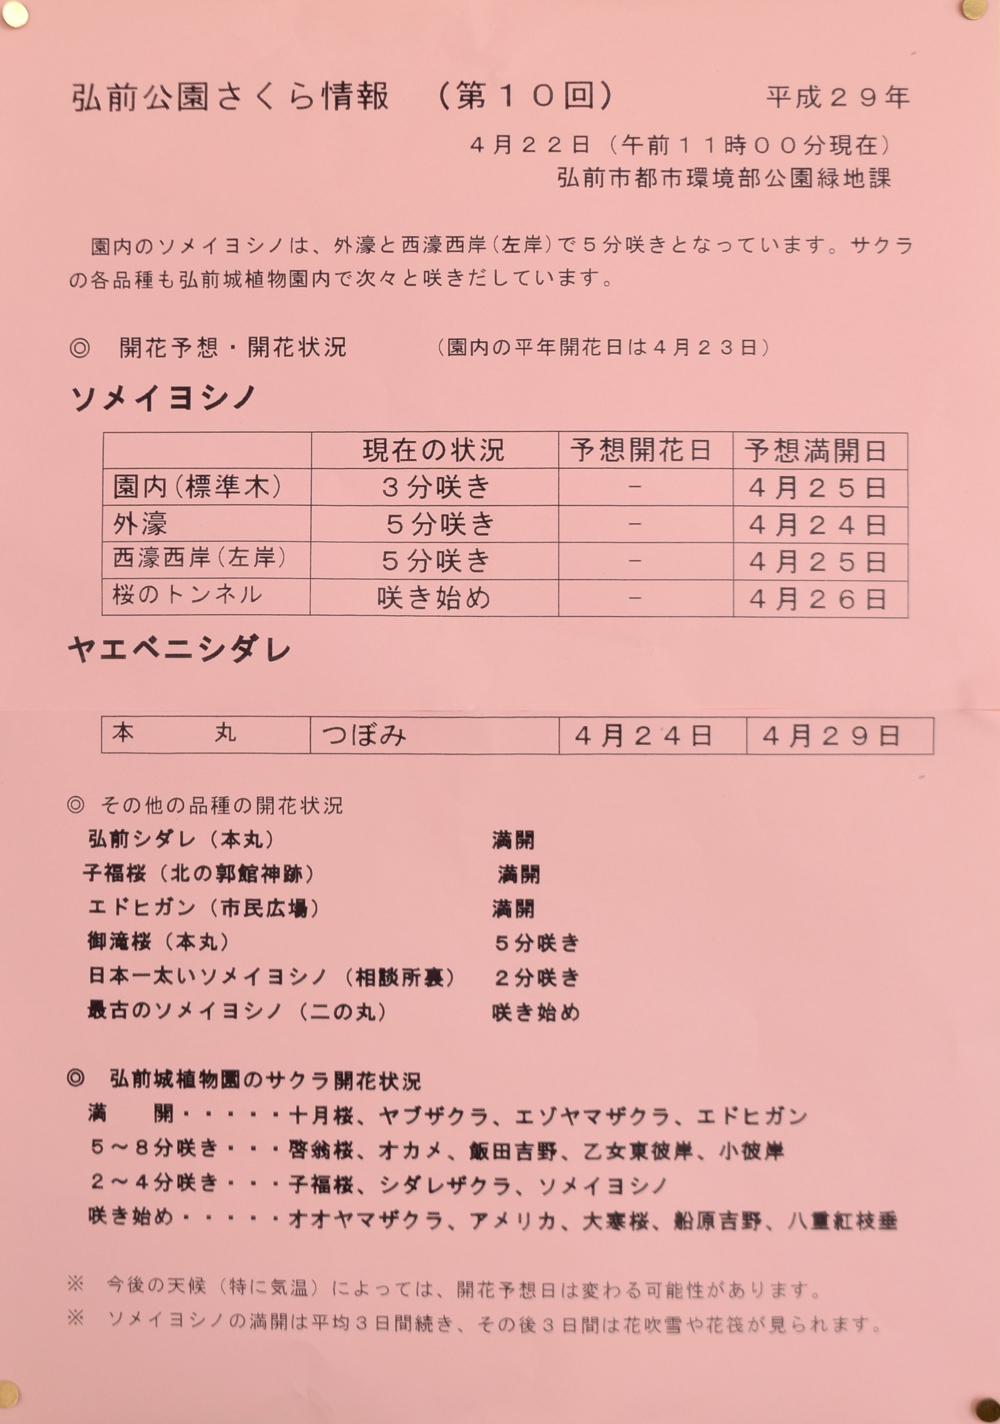 弘前公園のさくら情報 開花予想・開花状況